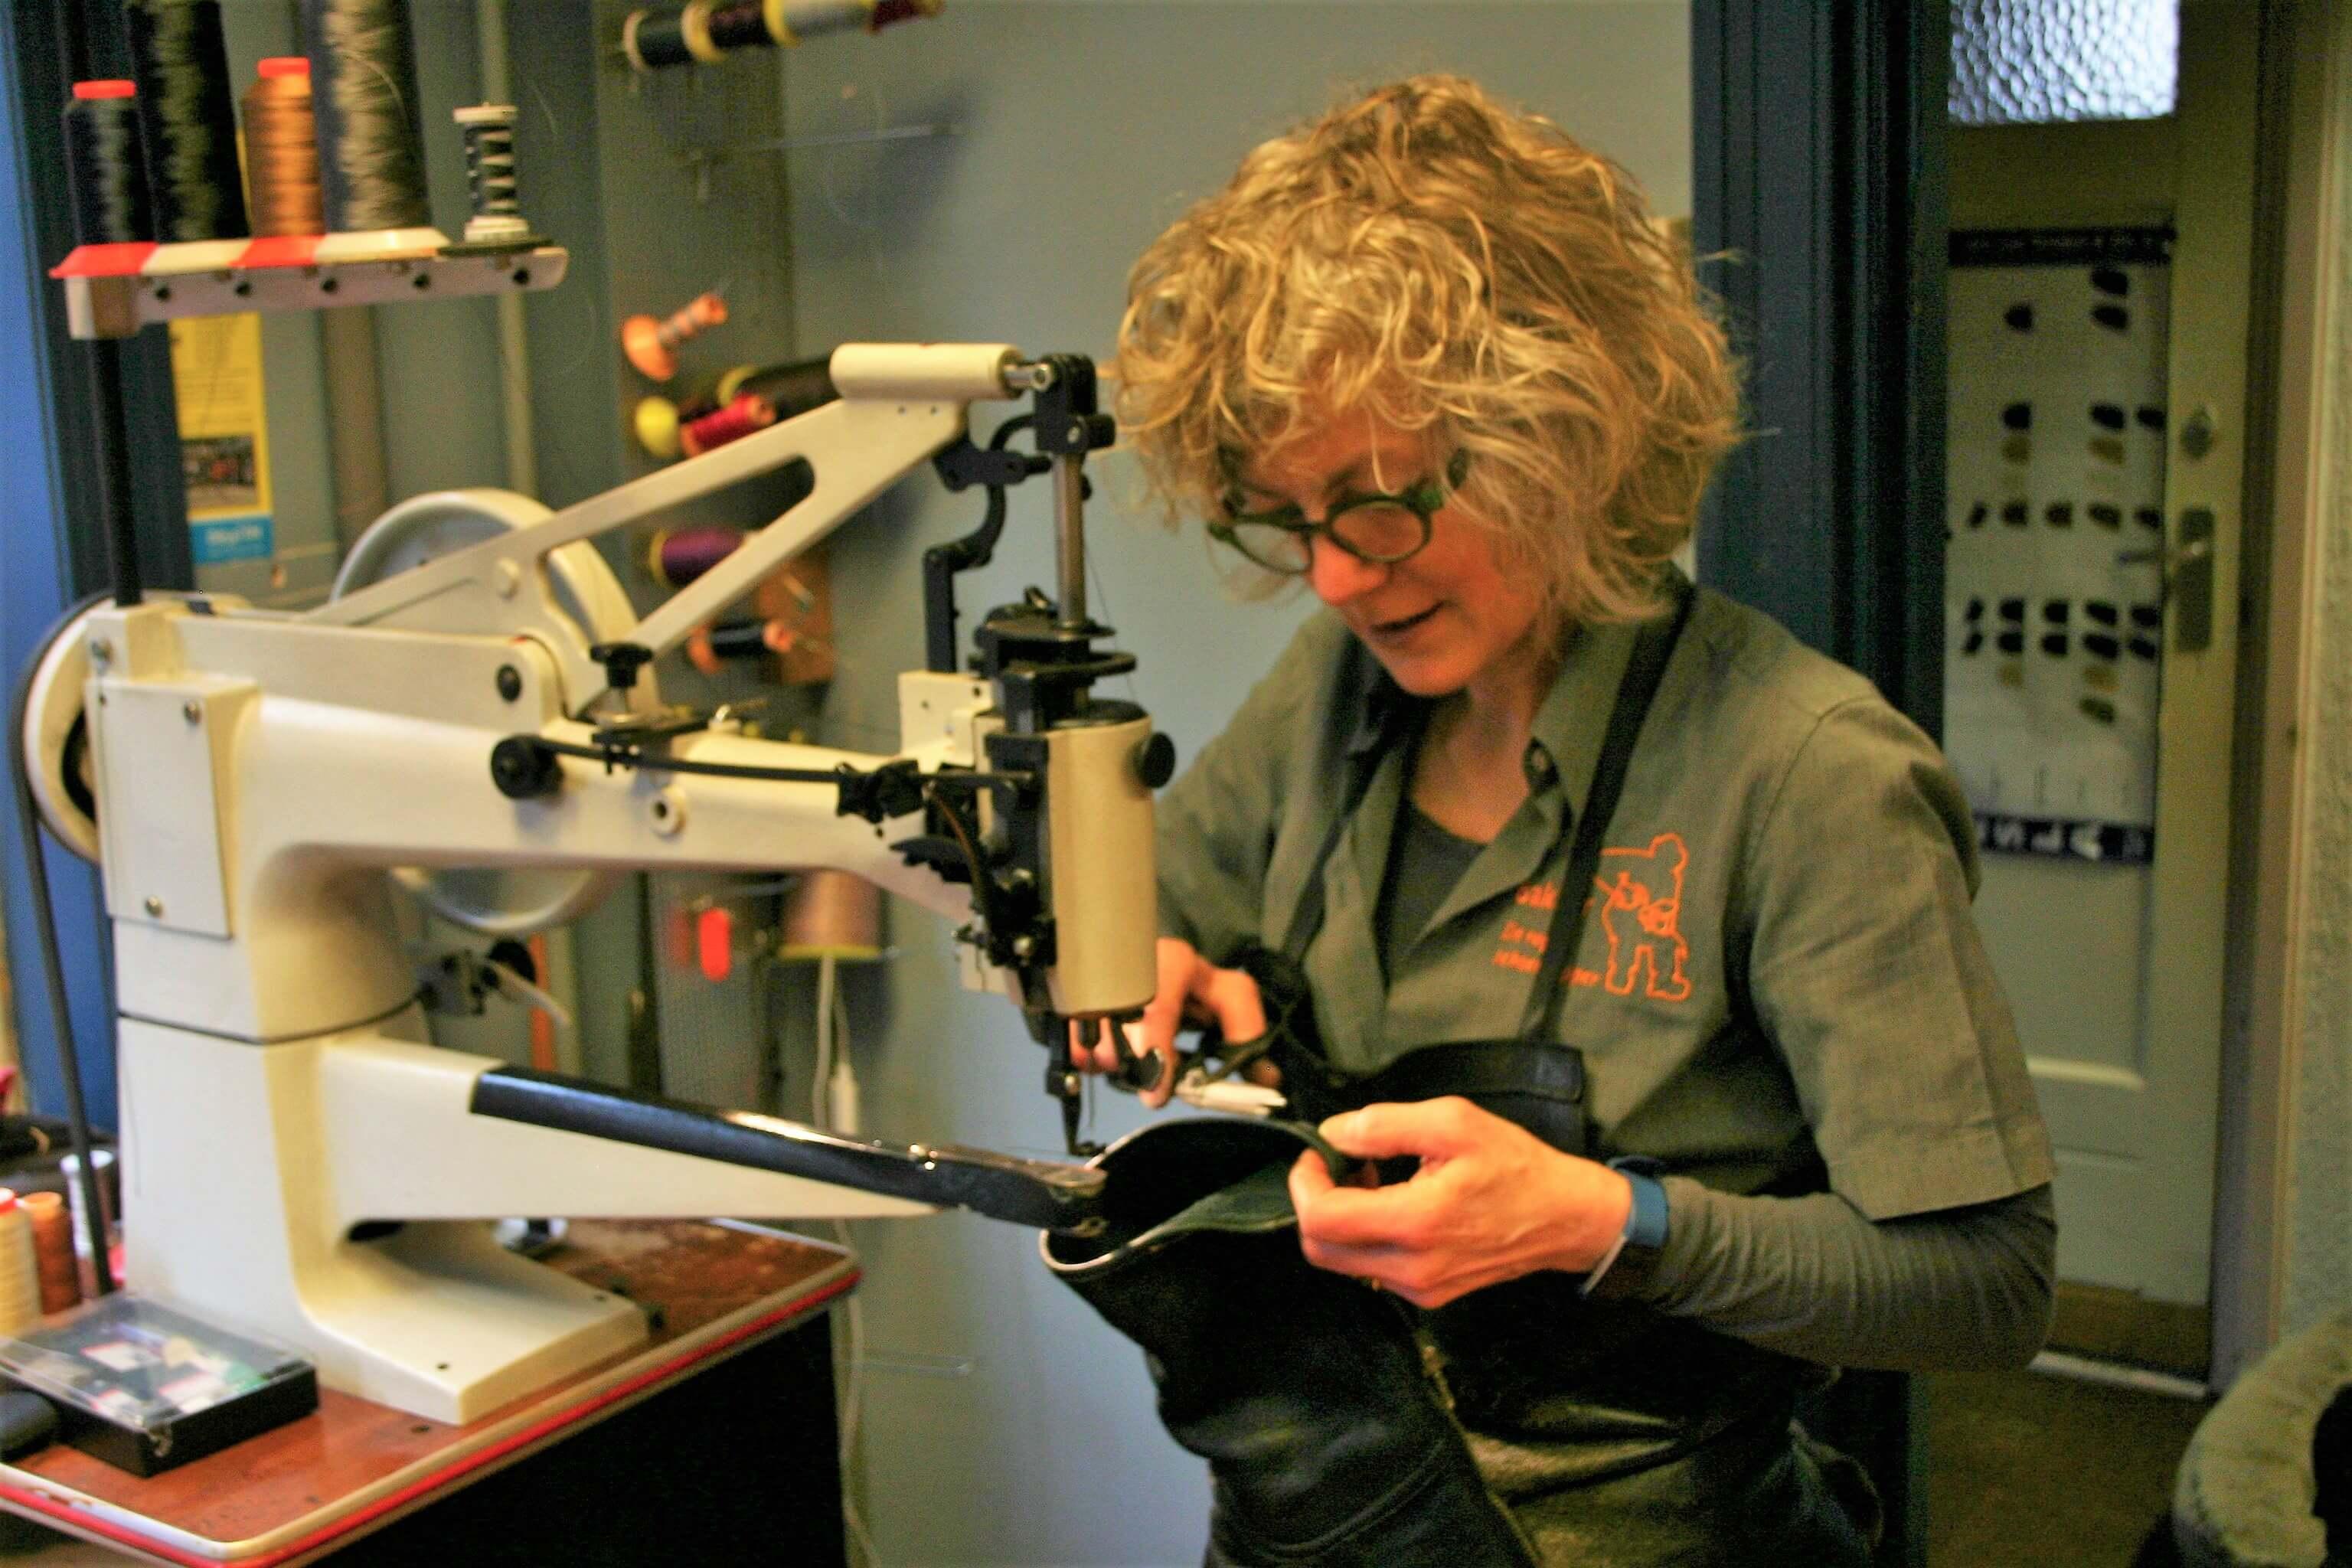 Schoenmakersleutelmakerslotenmakerstomerijkledingreparatie